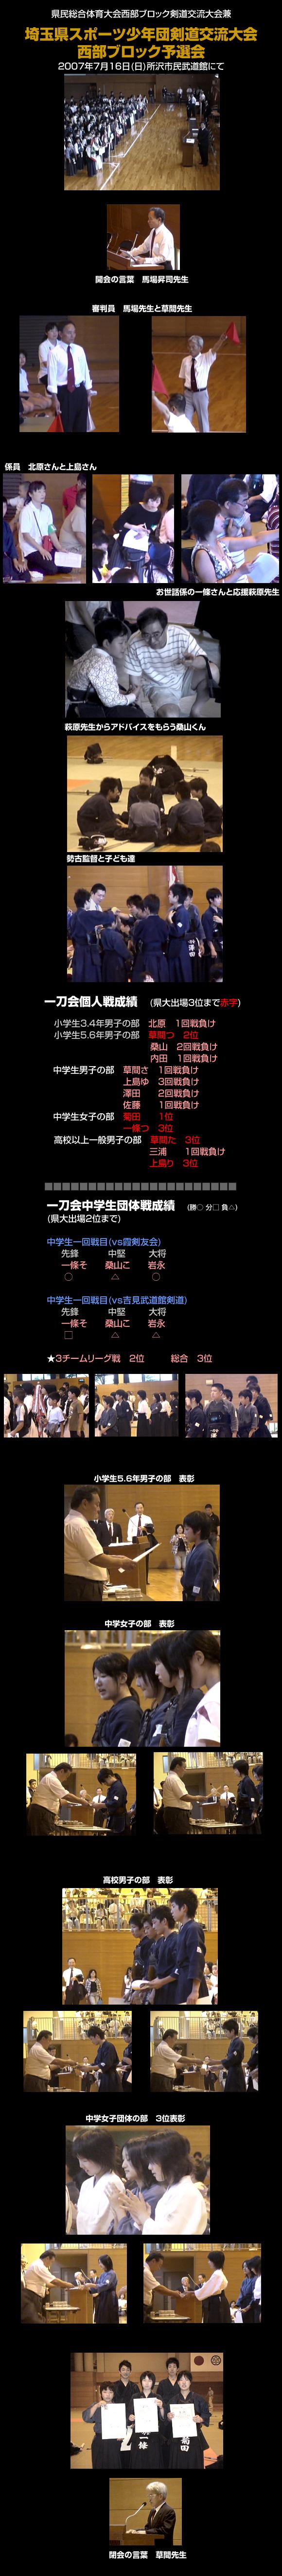 2007_7_16suposyou_yosen